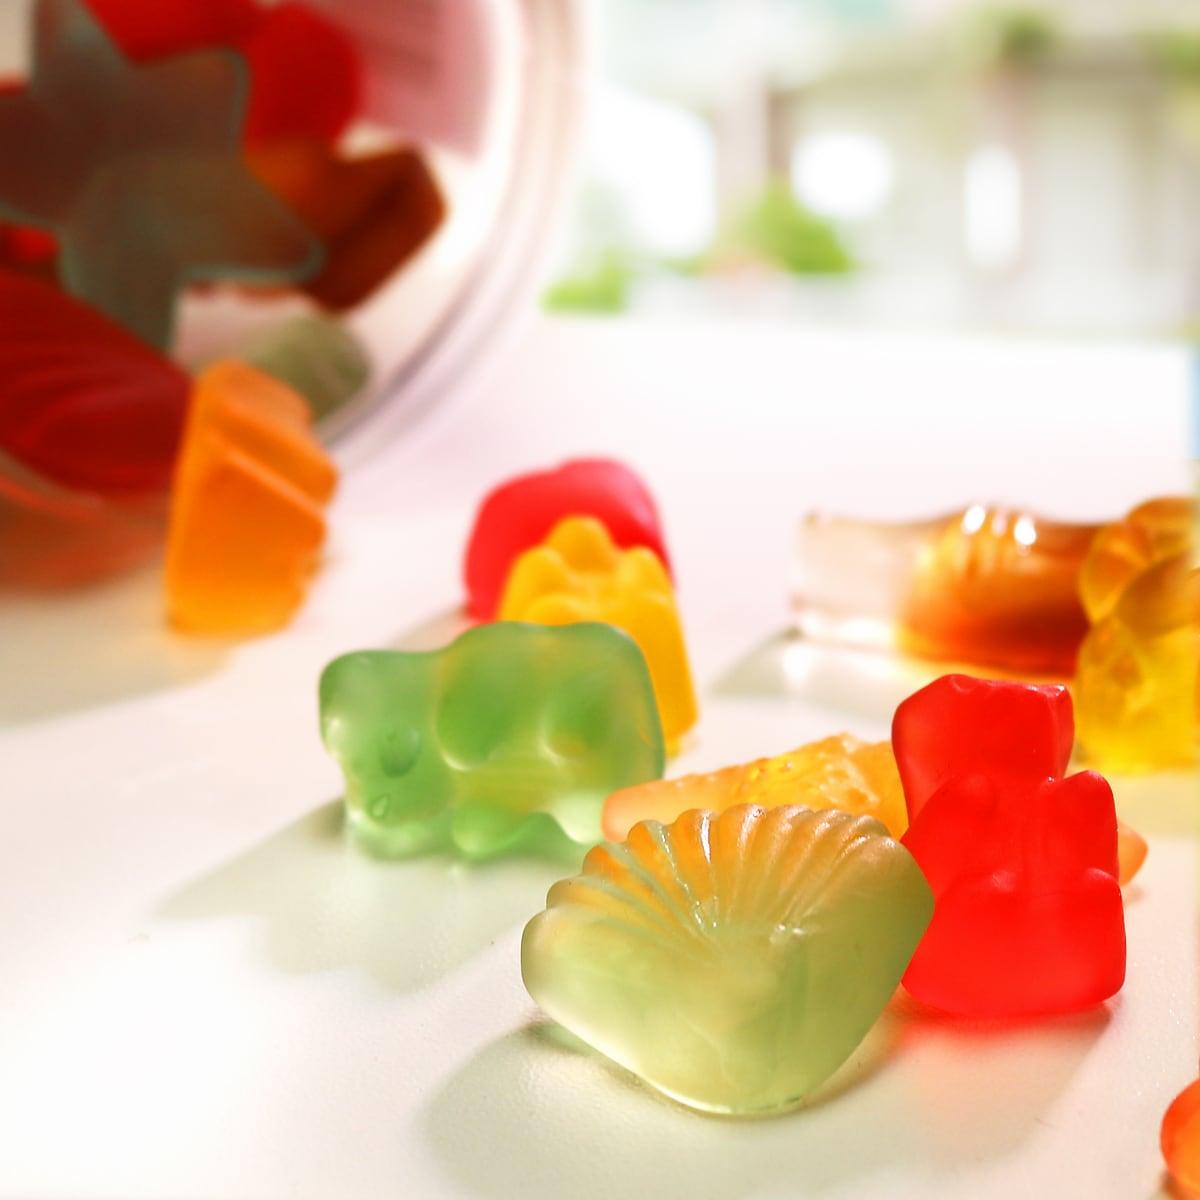 Comer sano y dulce es posible en verano